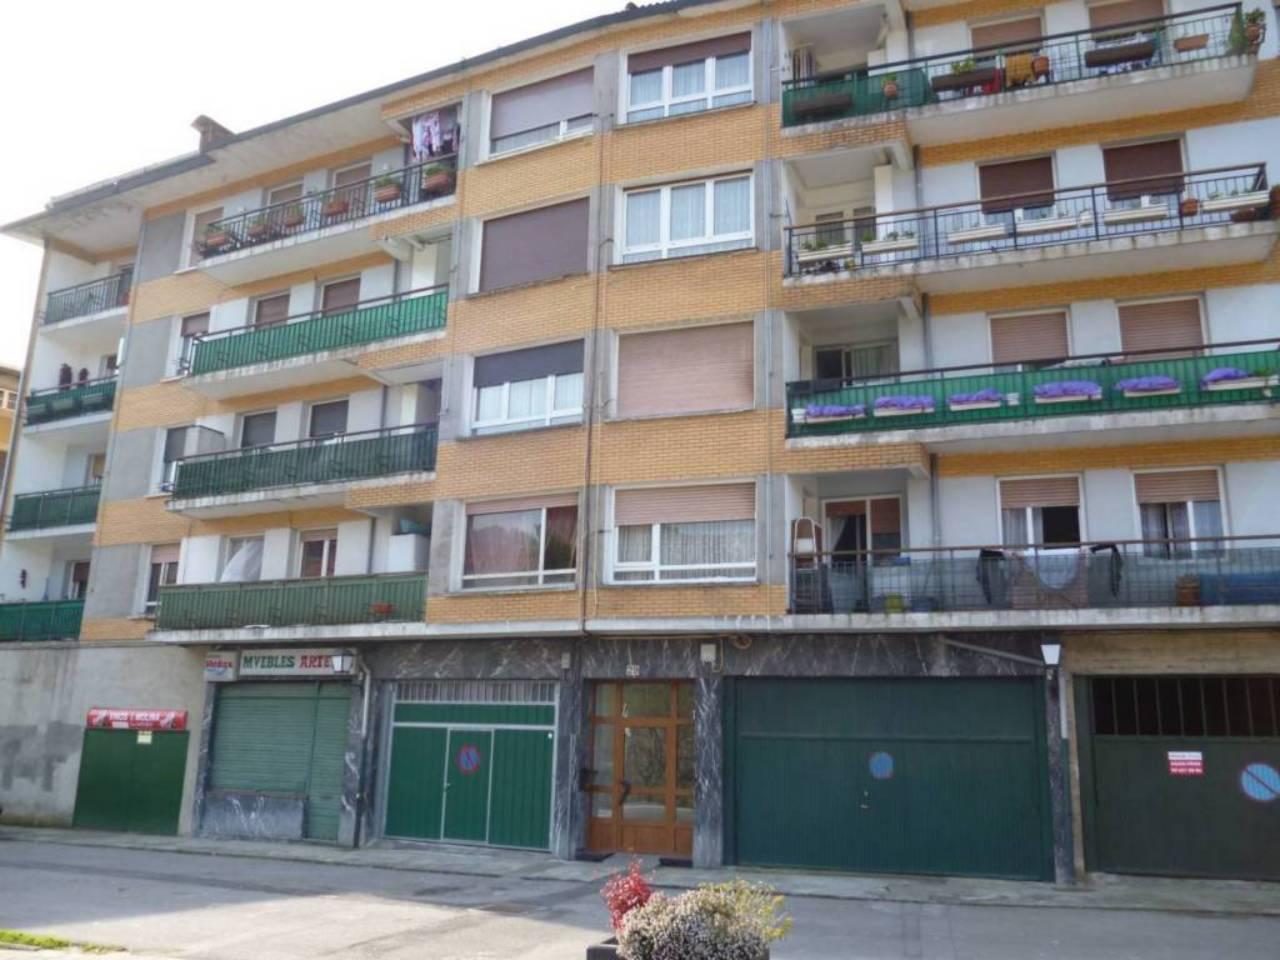 Inmobiliaria larrea local comercial en venta en areatza - Licencia de habitabilidad ...